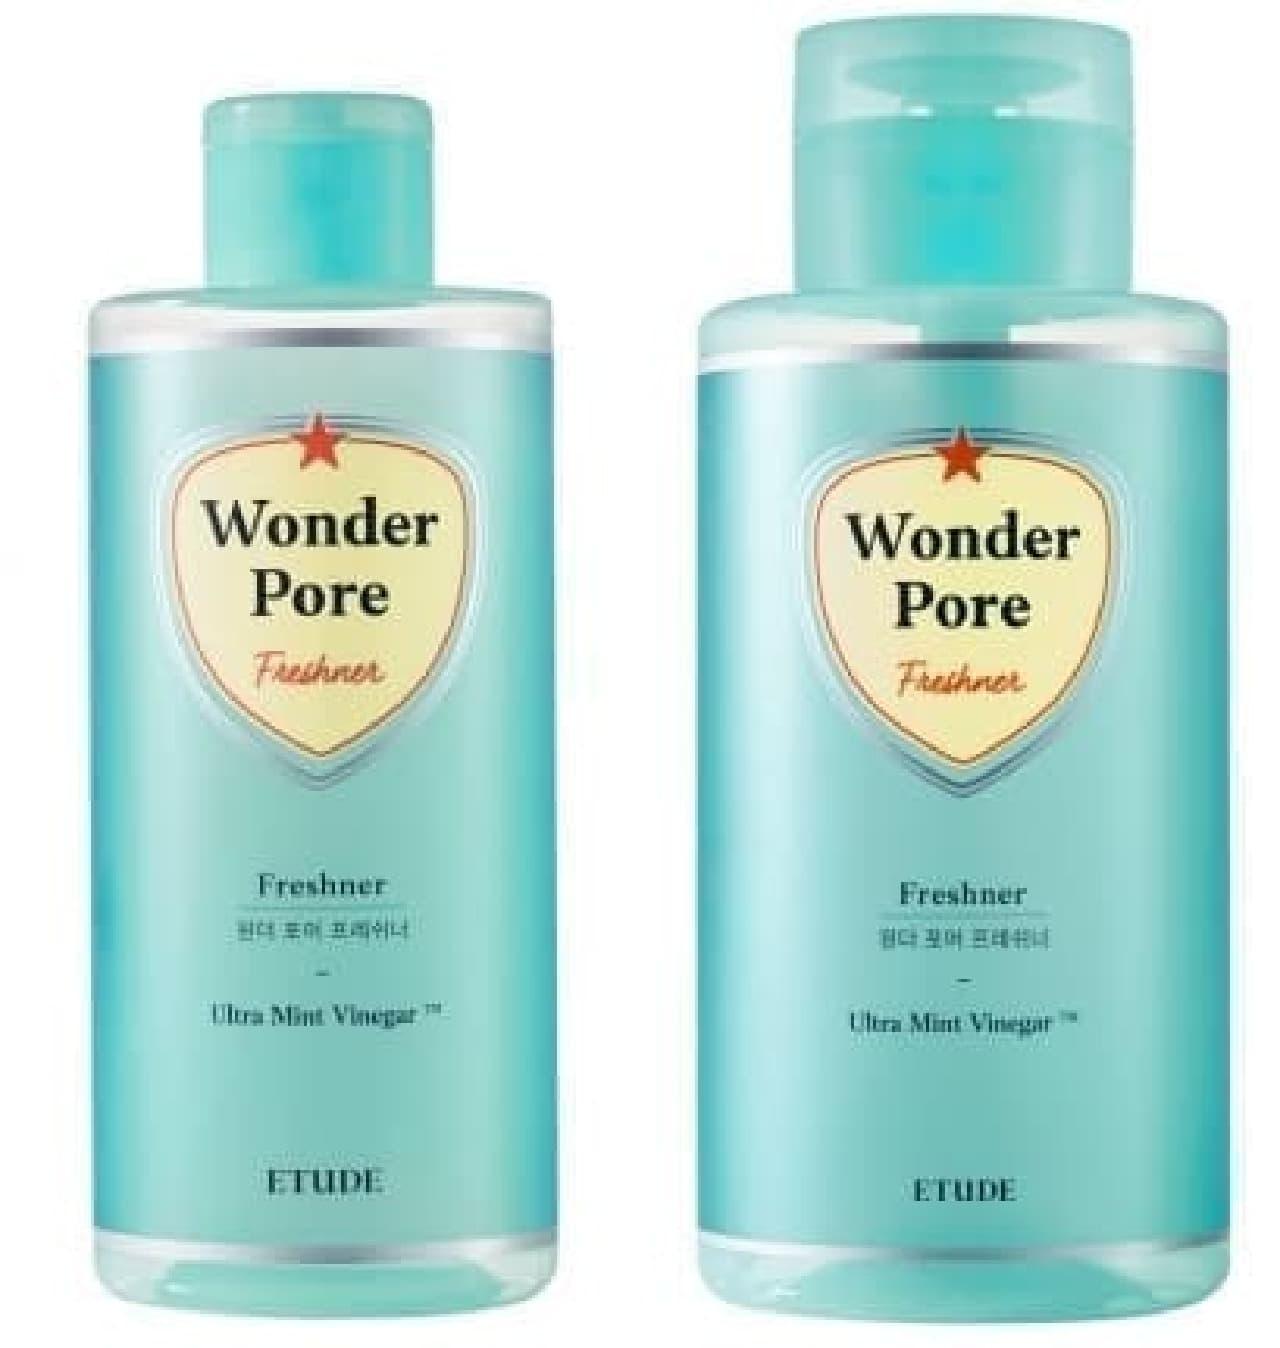 エチュードハウスの「ワンダーP化粧水」